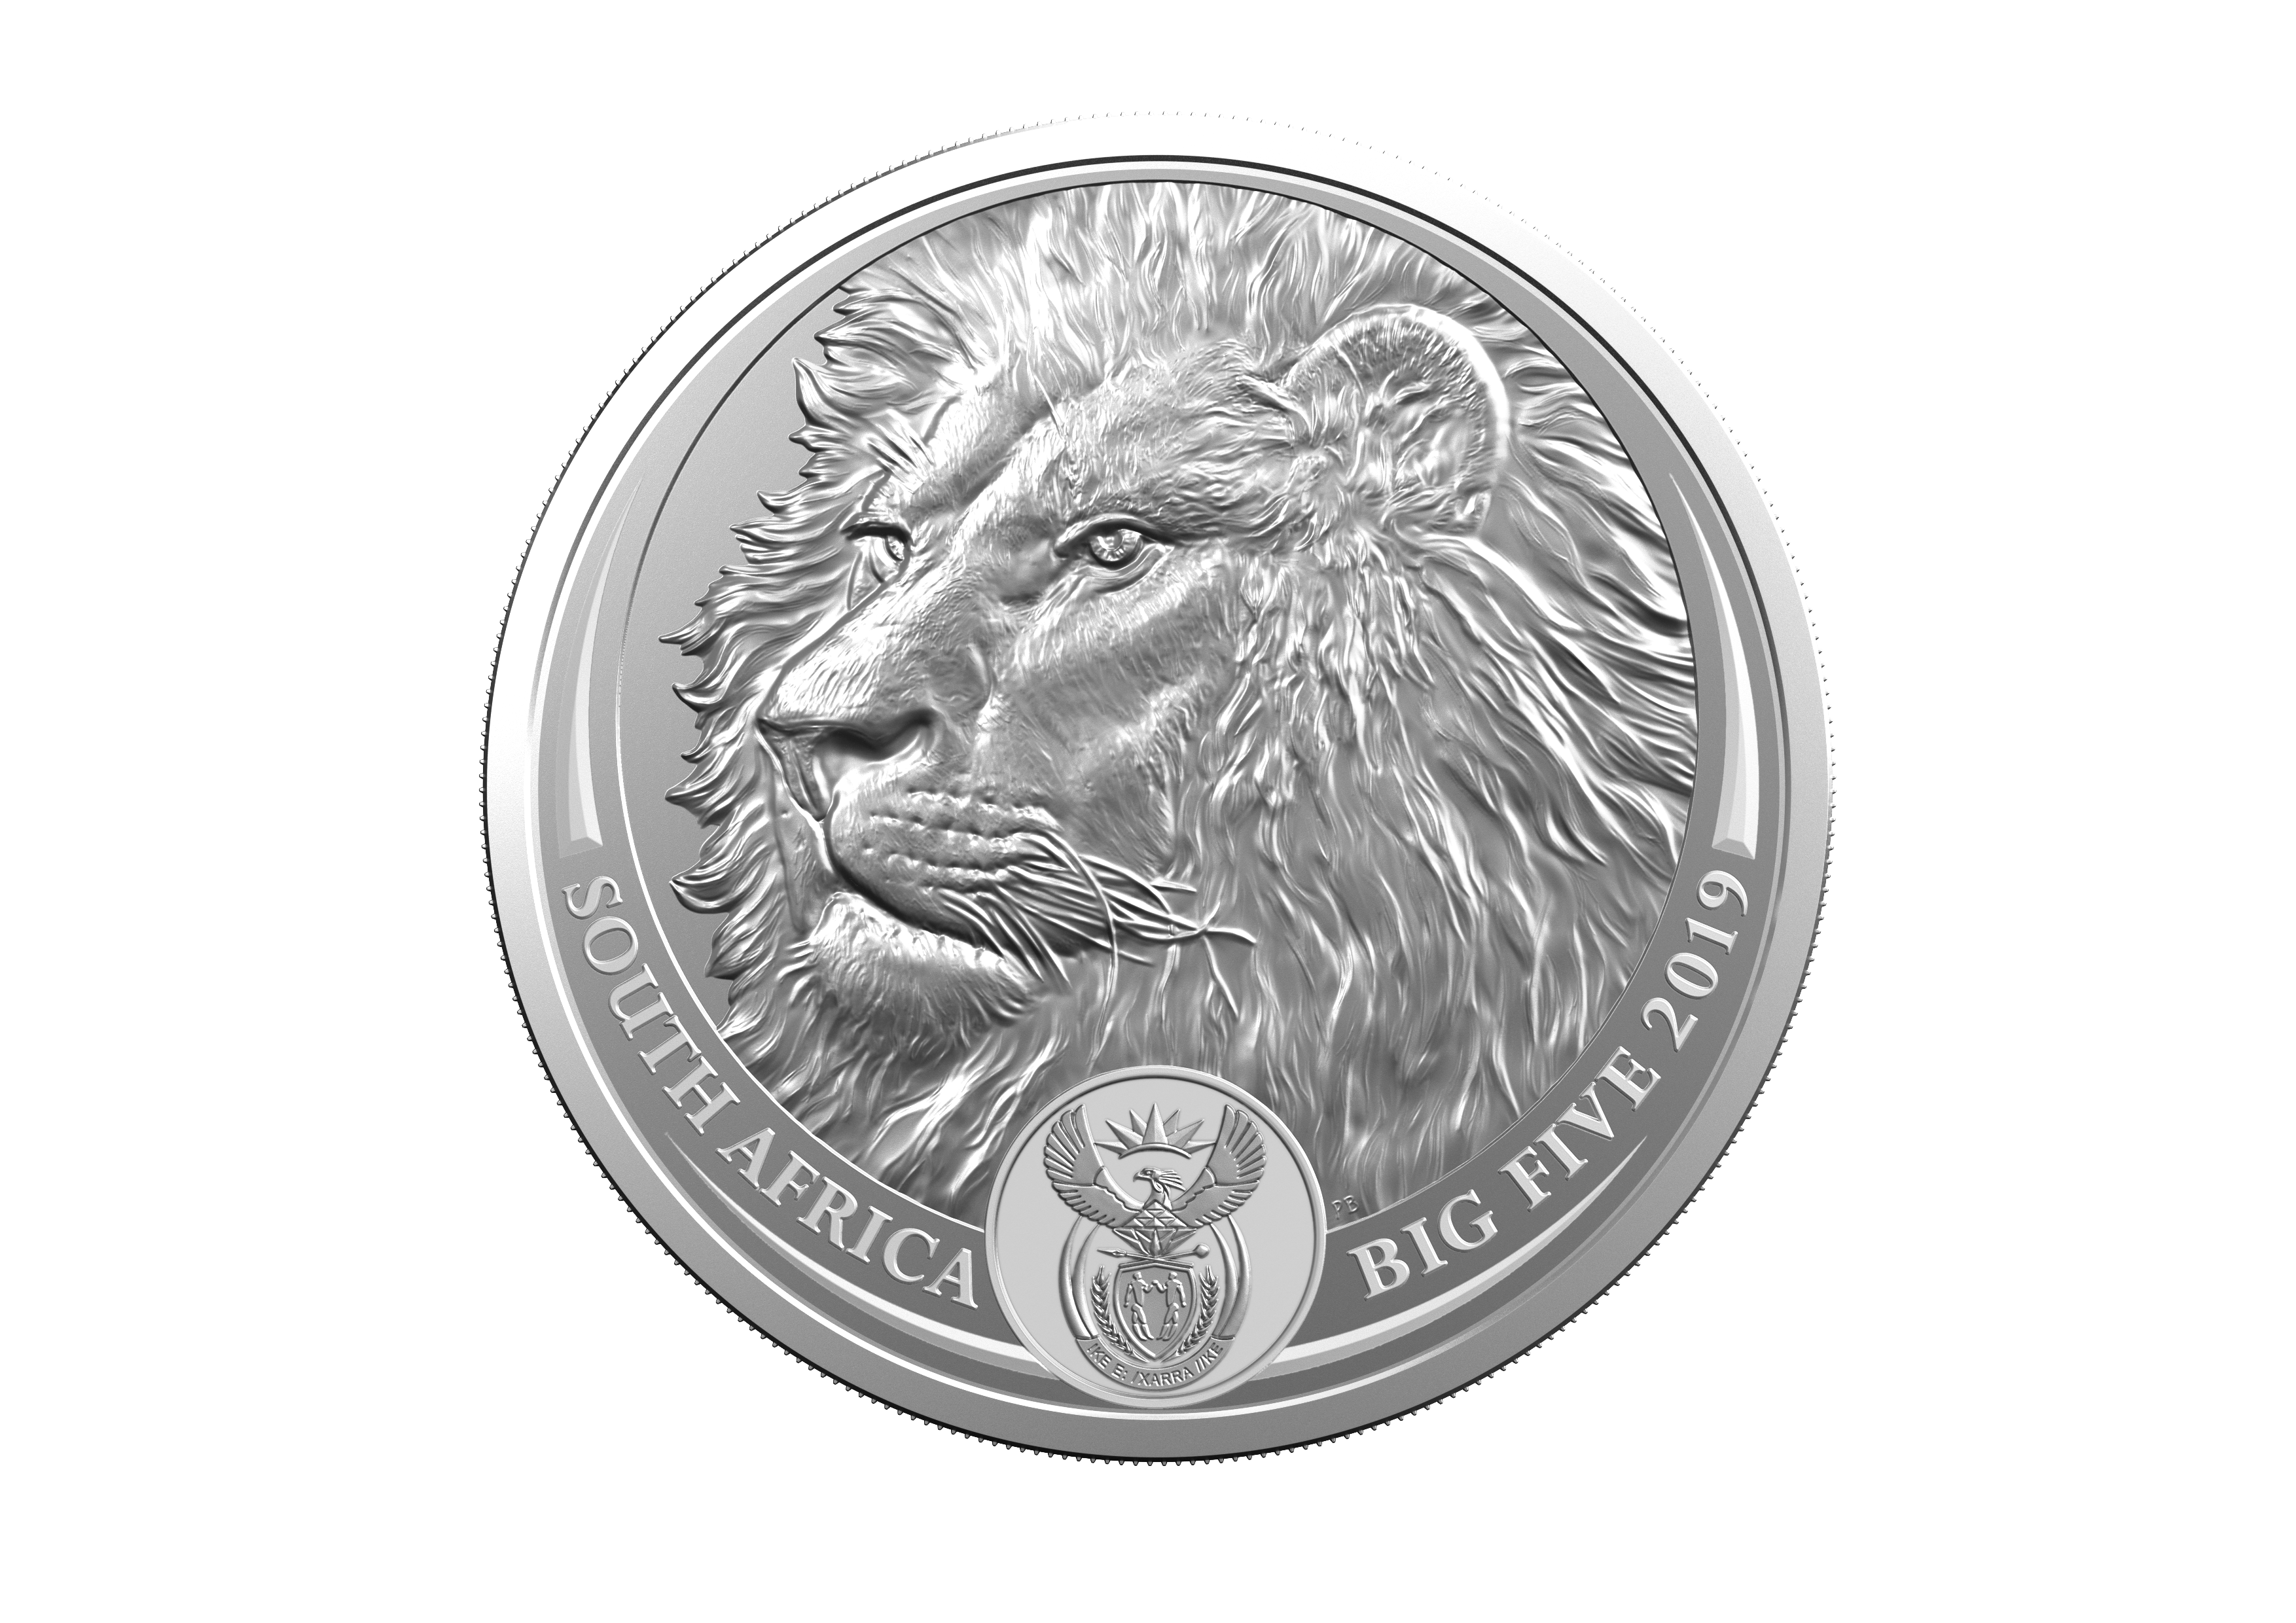 2019 Big 5 Lion Bu 1 Oz Silver Coin Ag 999 Coin 2 Of 5